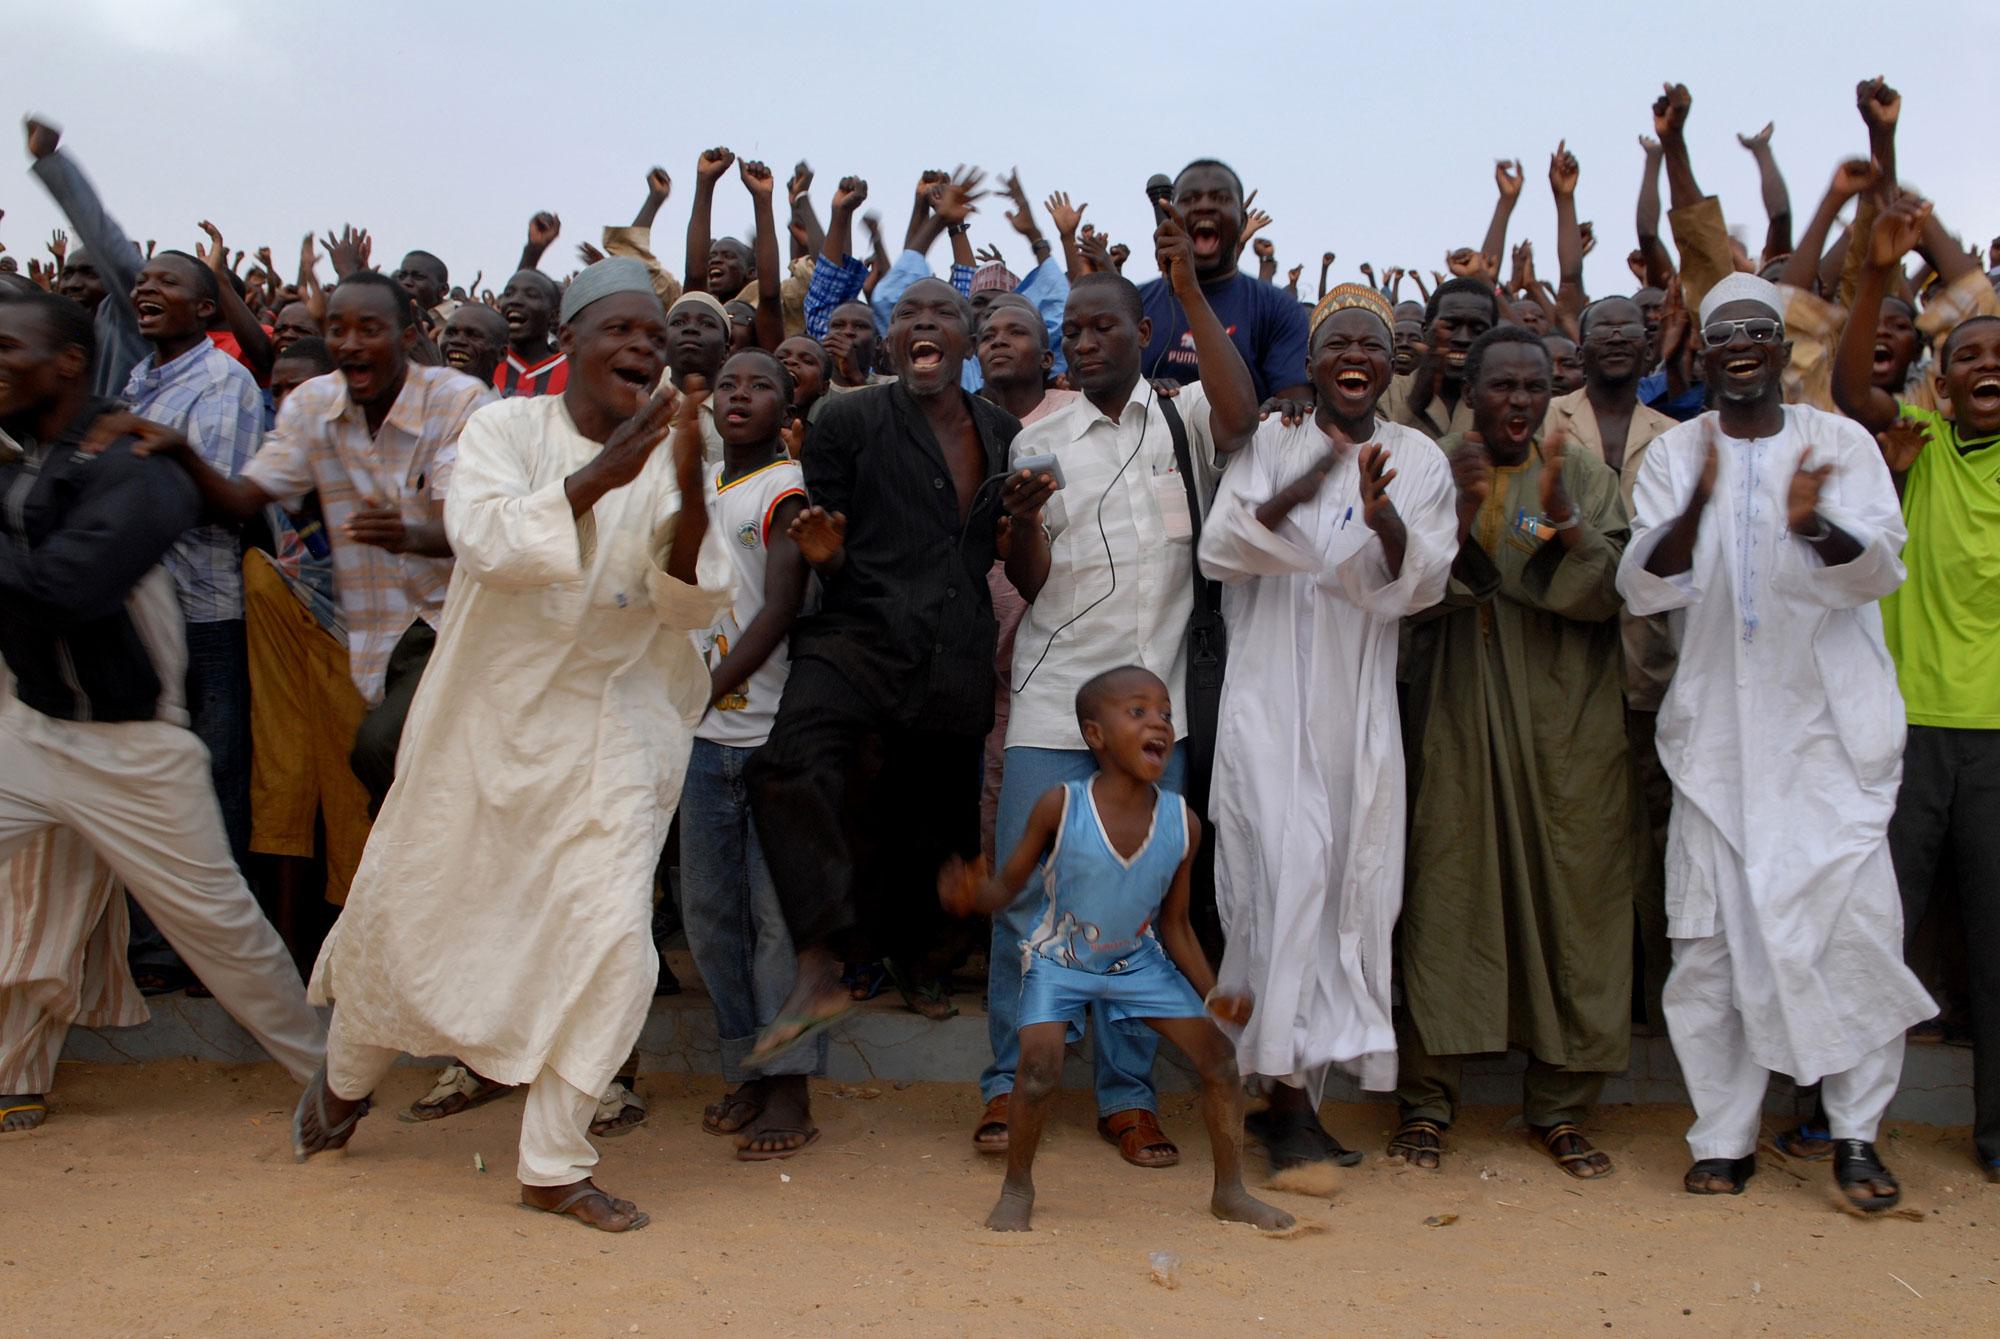 Tijdens de grootste sport van West Afrika - het worstelen - wint de lokale worstelaar en gaat de menigte uit hun dak.